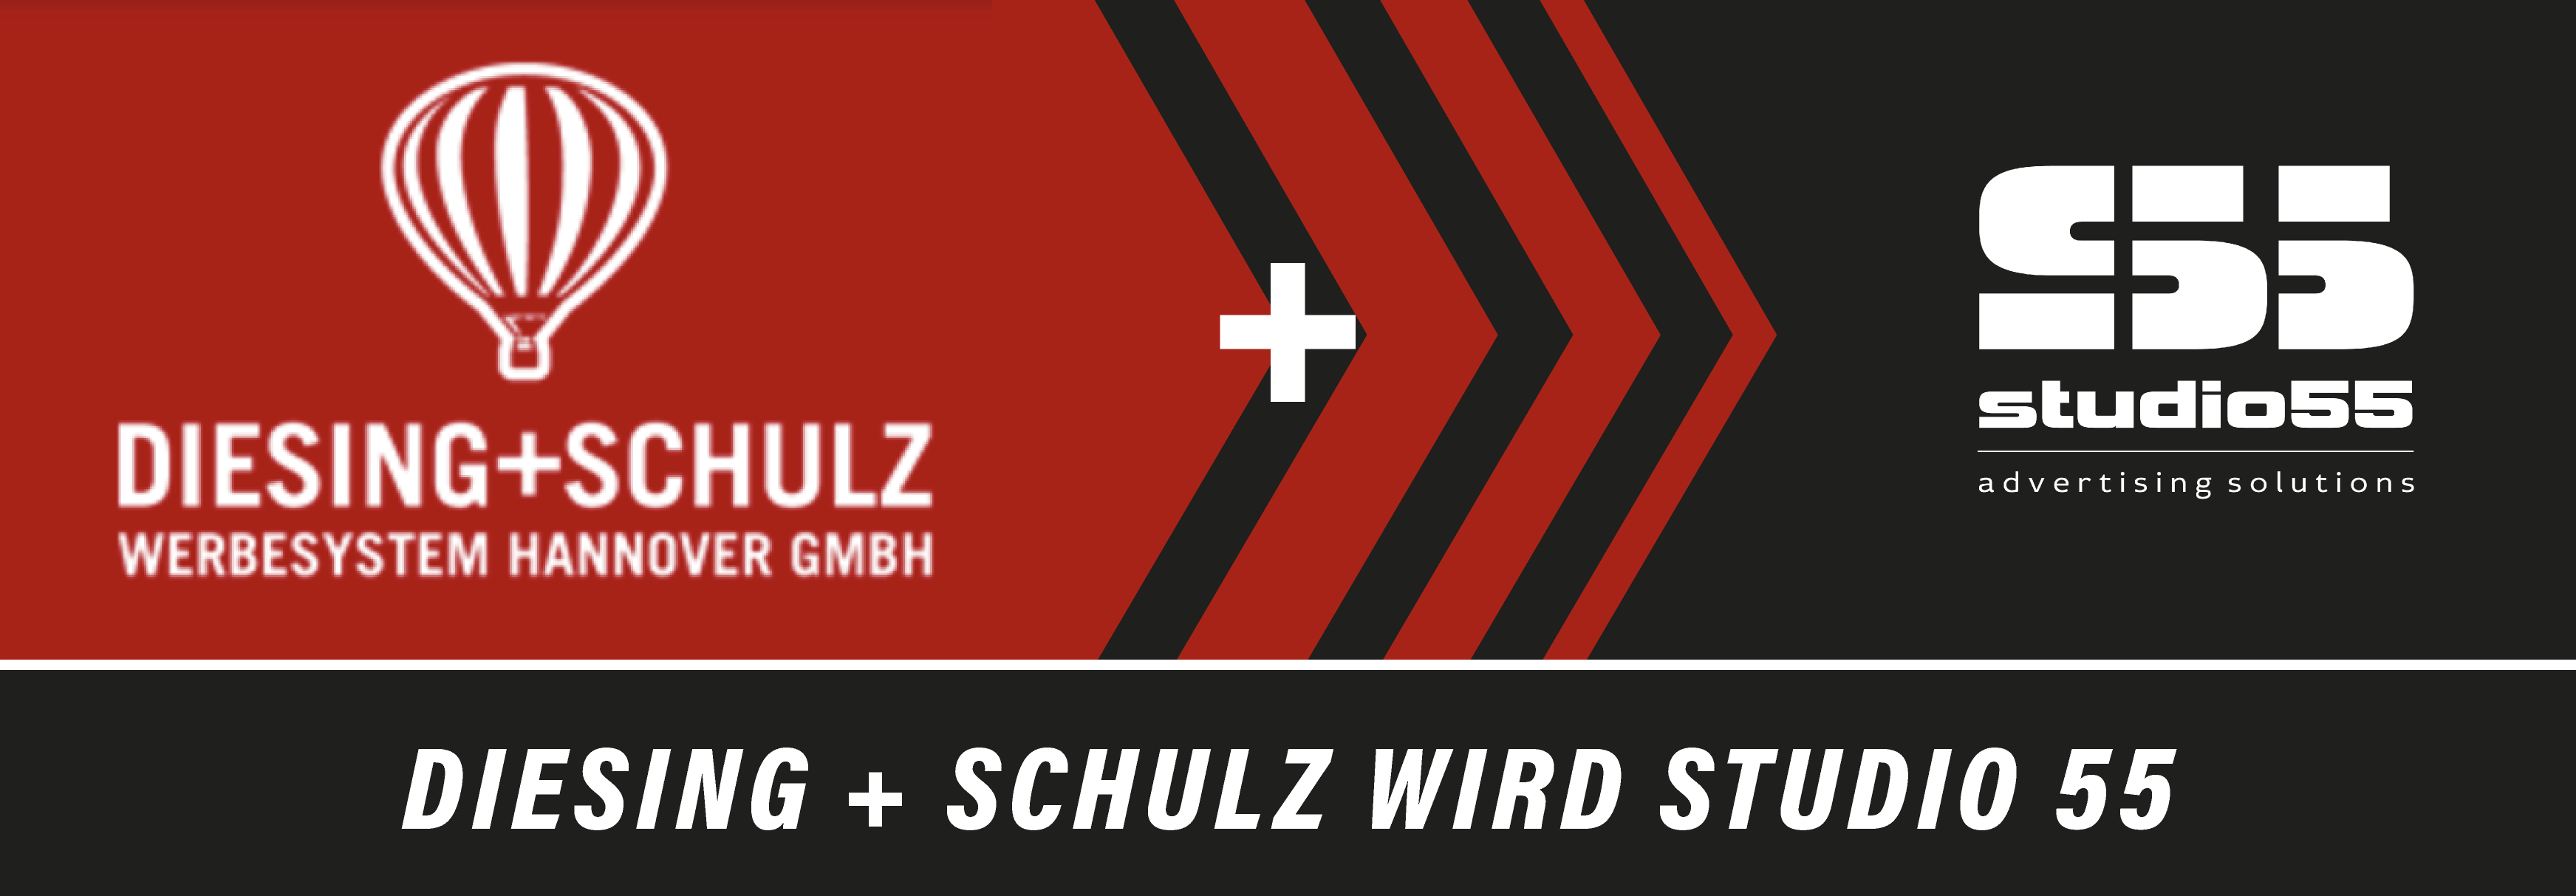 Diesing + Schulz Werbesystem Hannover GmbH - Logo